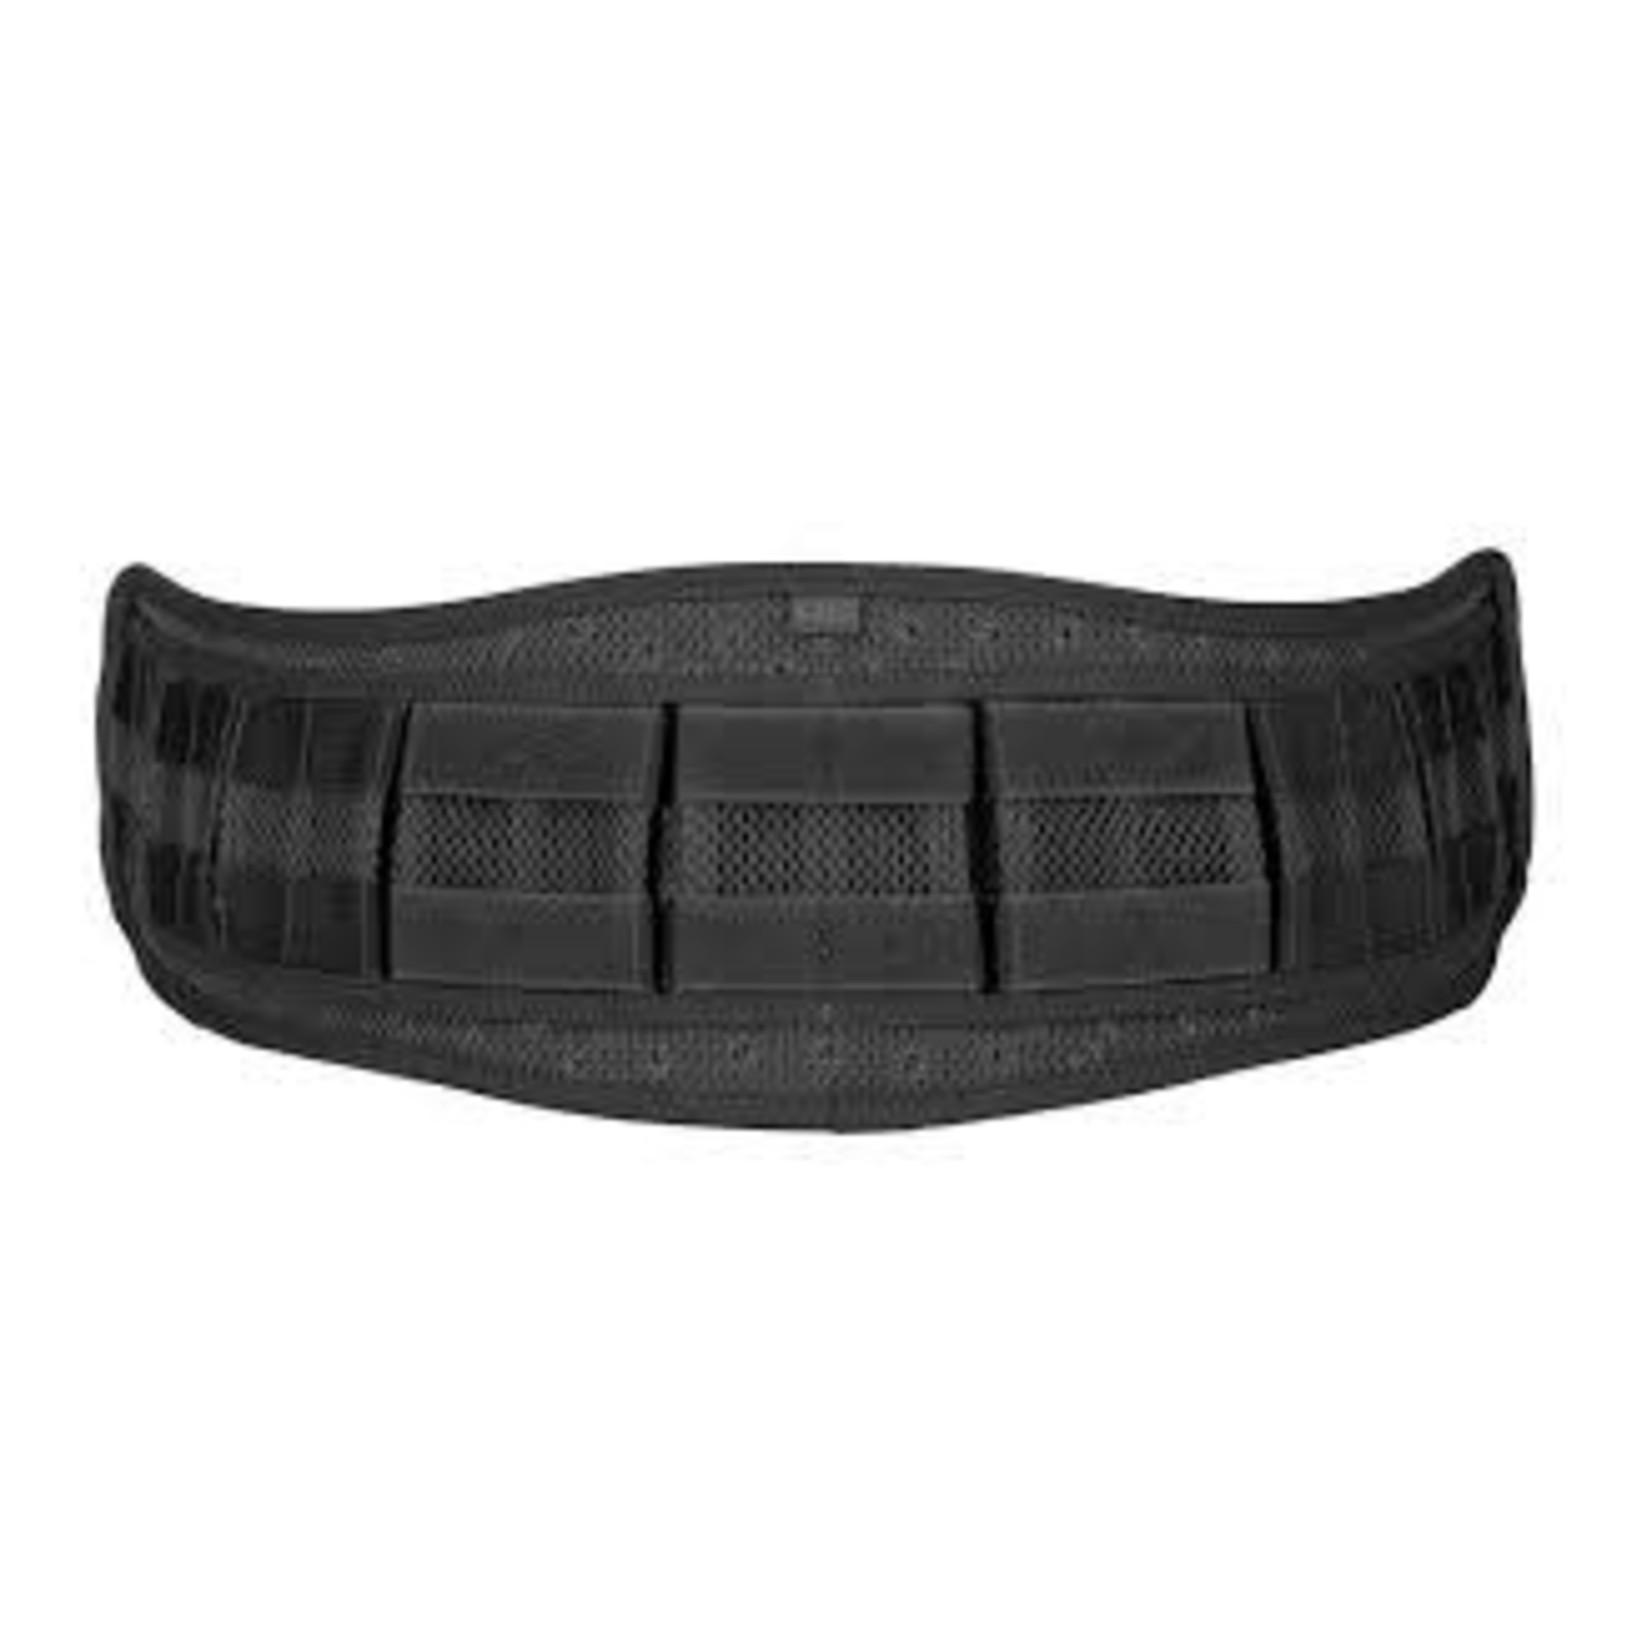 5.11 Tactical 5.11 Brokos Vtac Belt - Size:L/XL